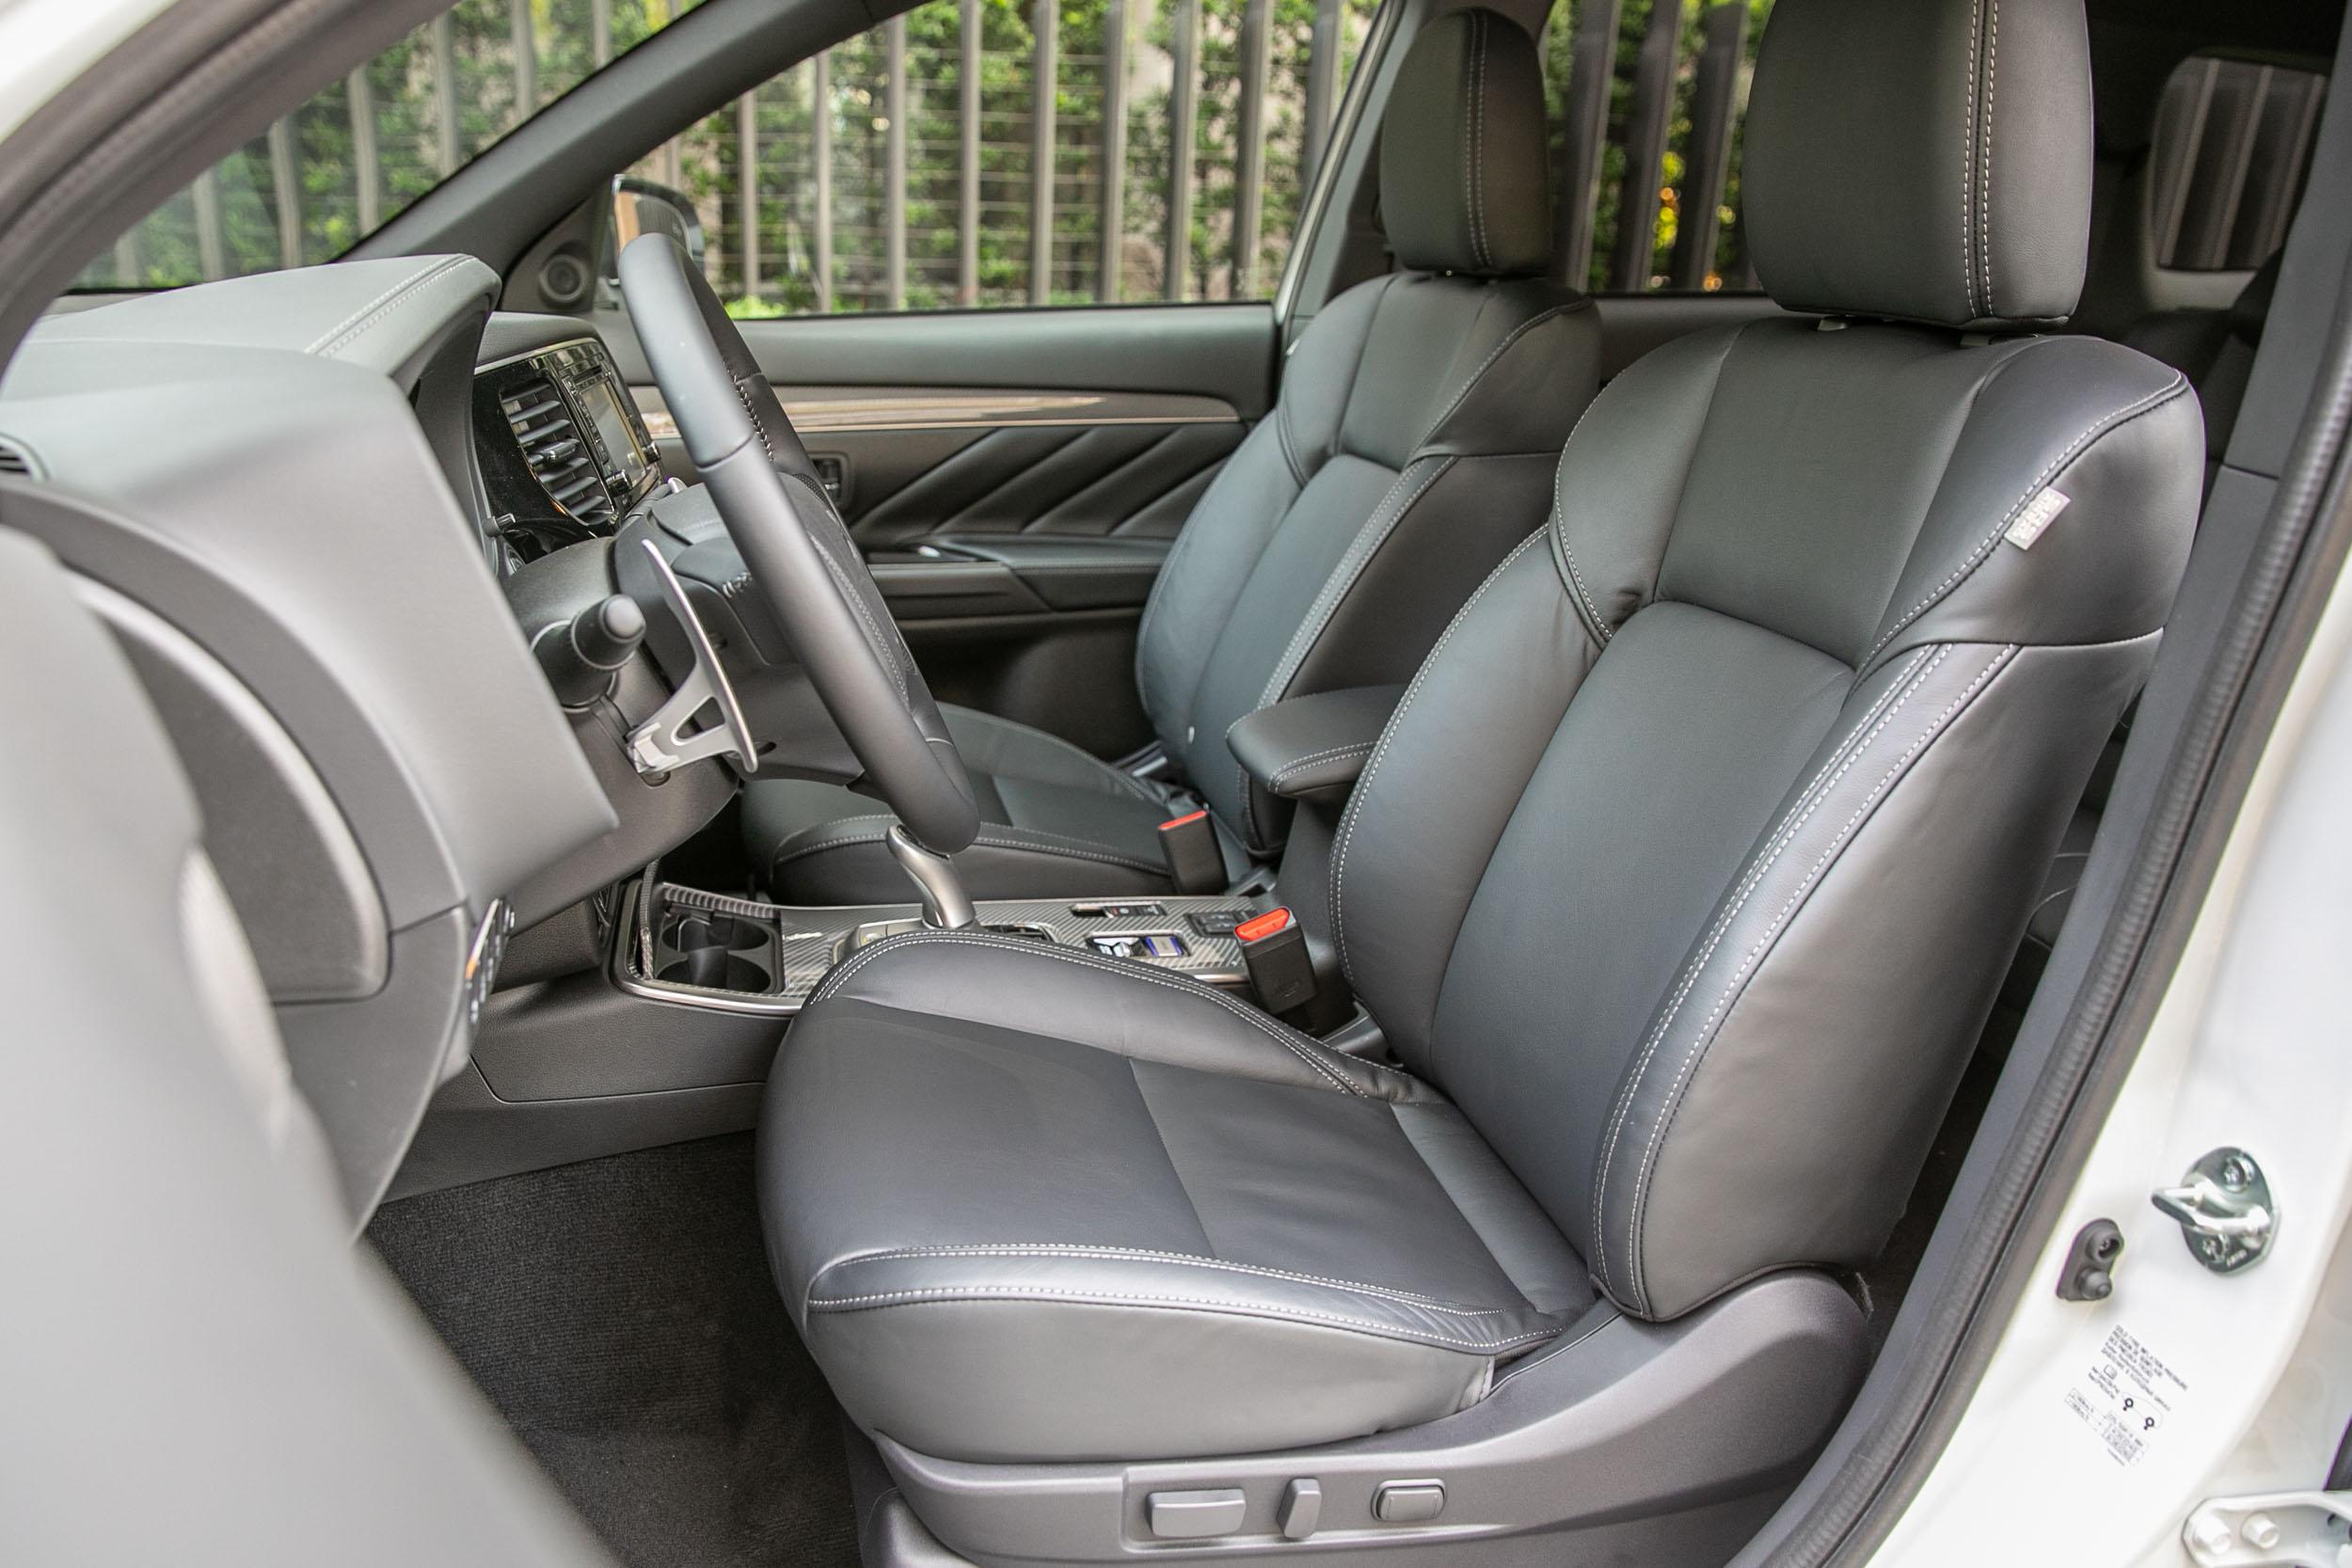 配備八向電動調整駕駛座椅、駕駛座電動腰靠、雙前座加熱功能。